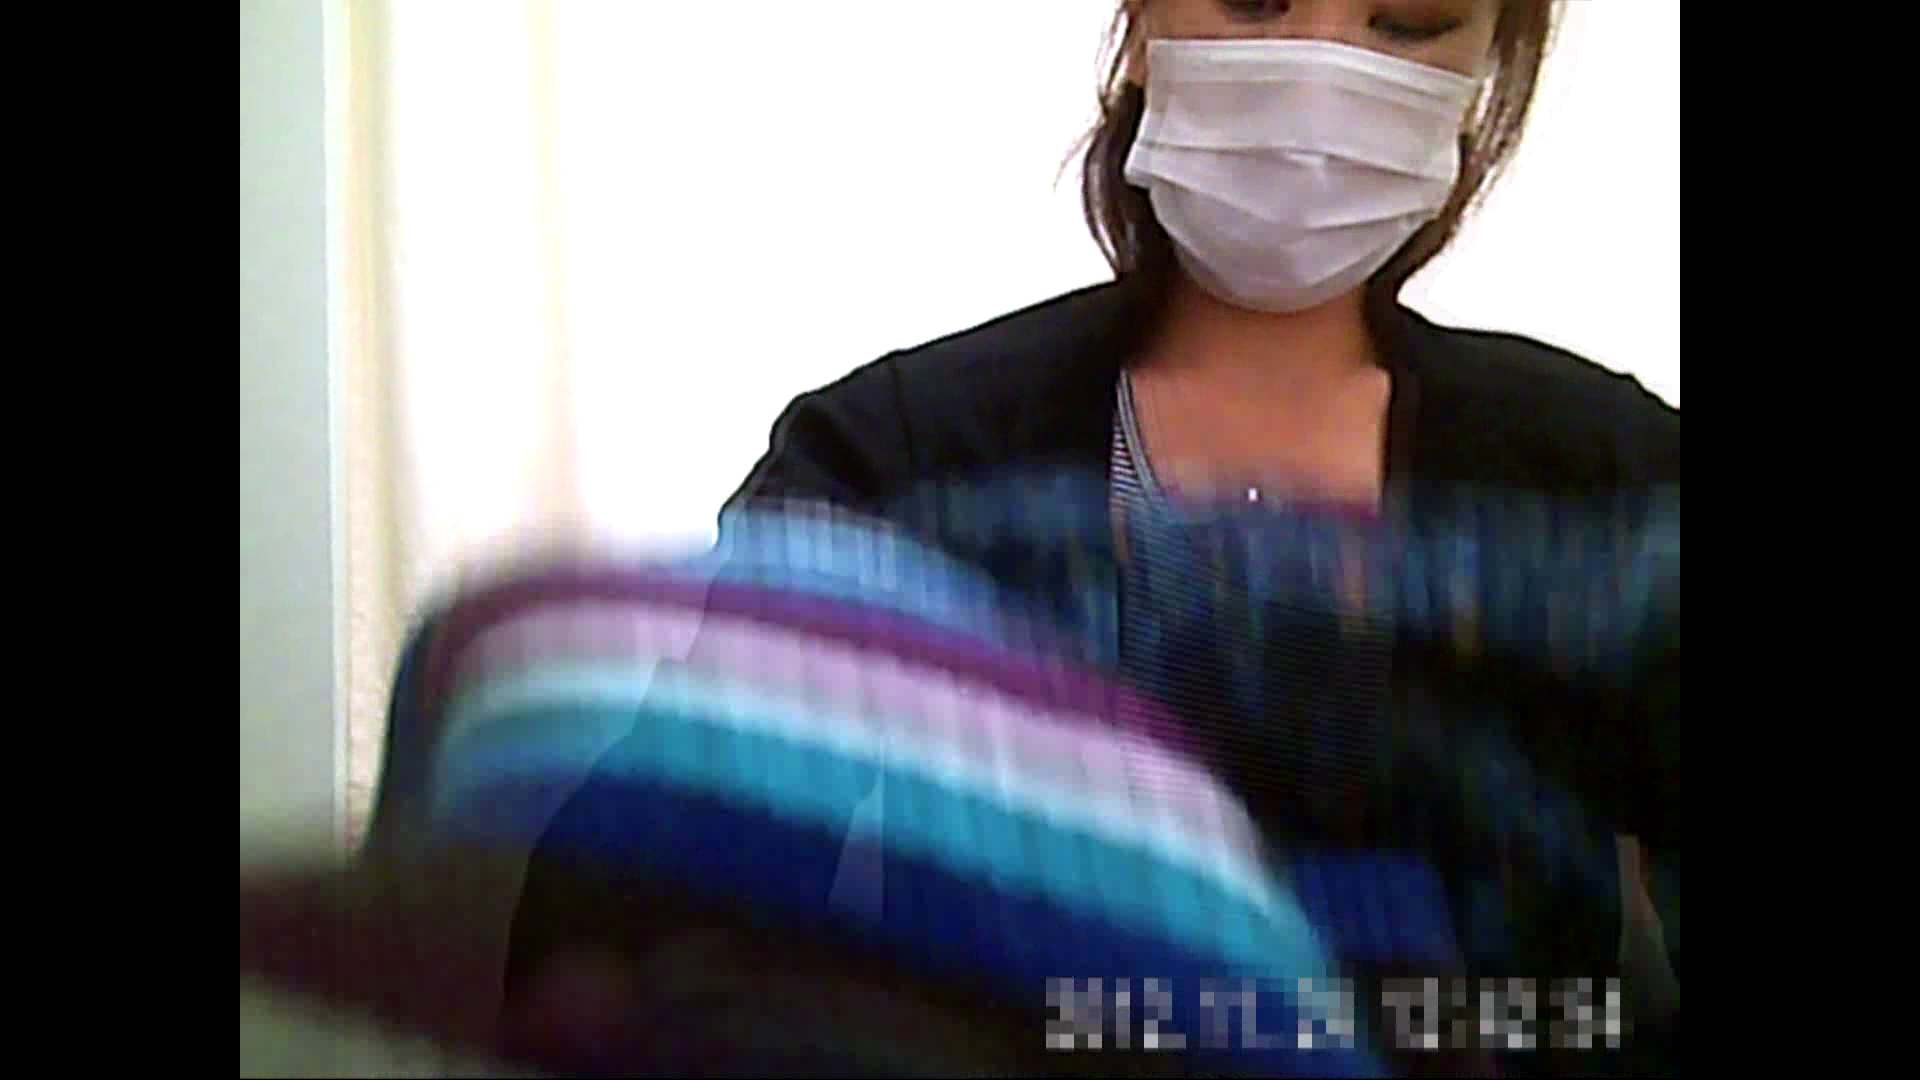 元医者による反抗 更衣室地獄絵巻 vol.139 OLの実態 | 0  57pic 13